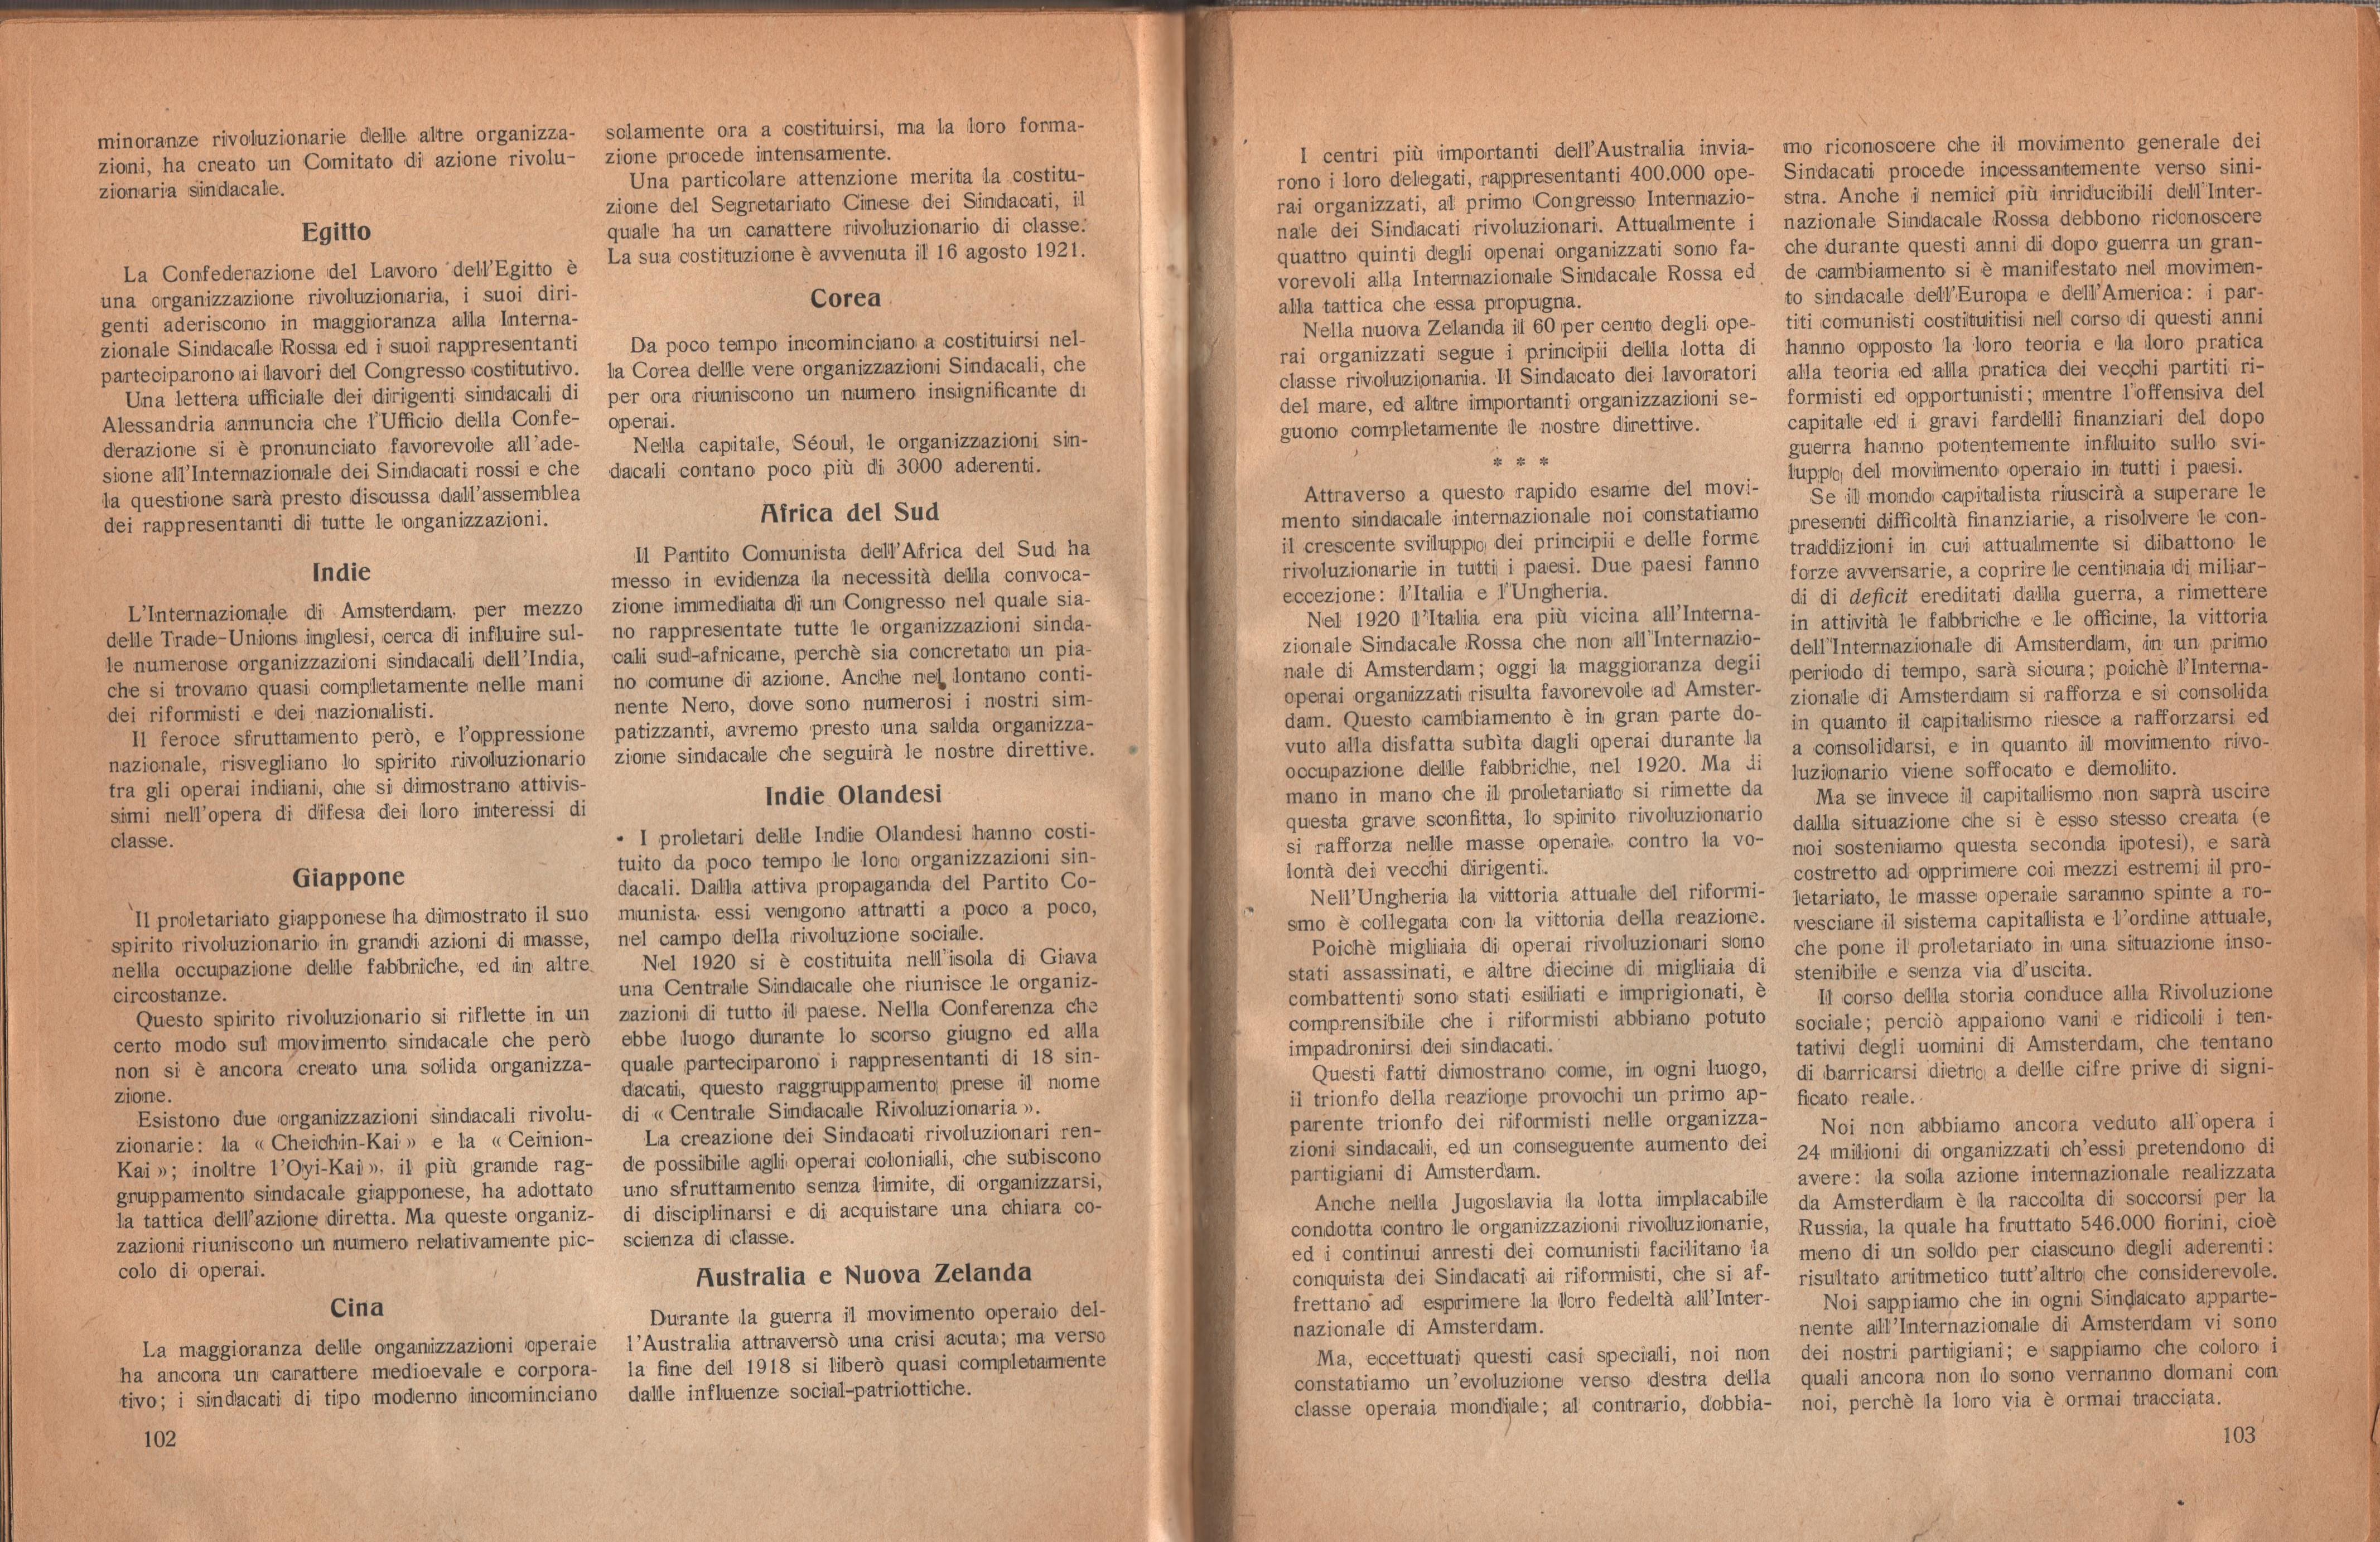 Almanacco comunista 1922 - pag. 61